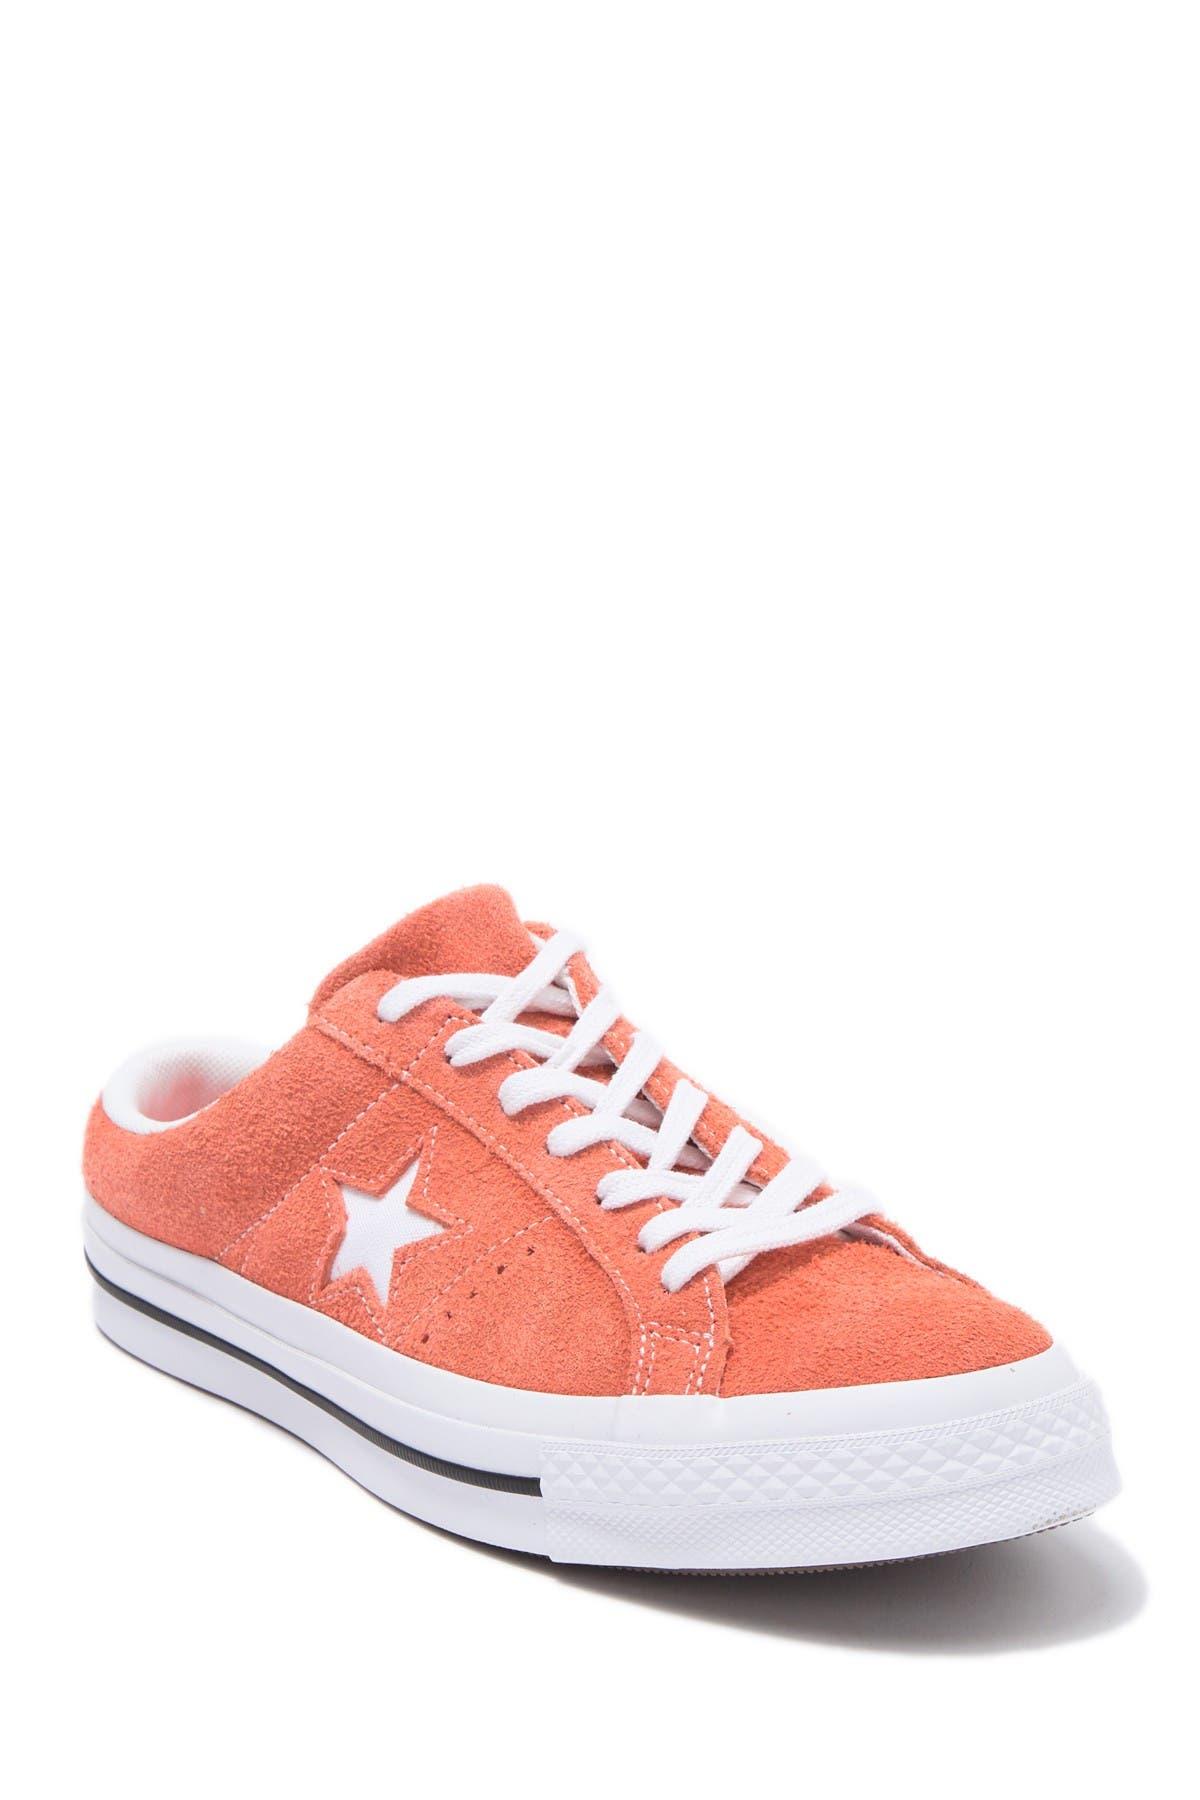 Star Oxford Mule Sneaker | Nordstrom Rack